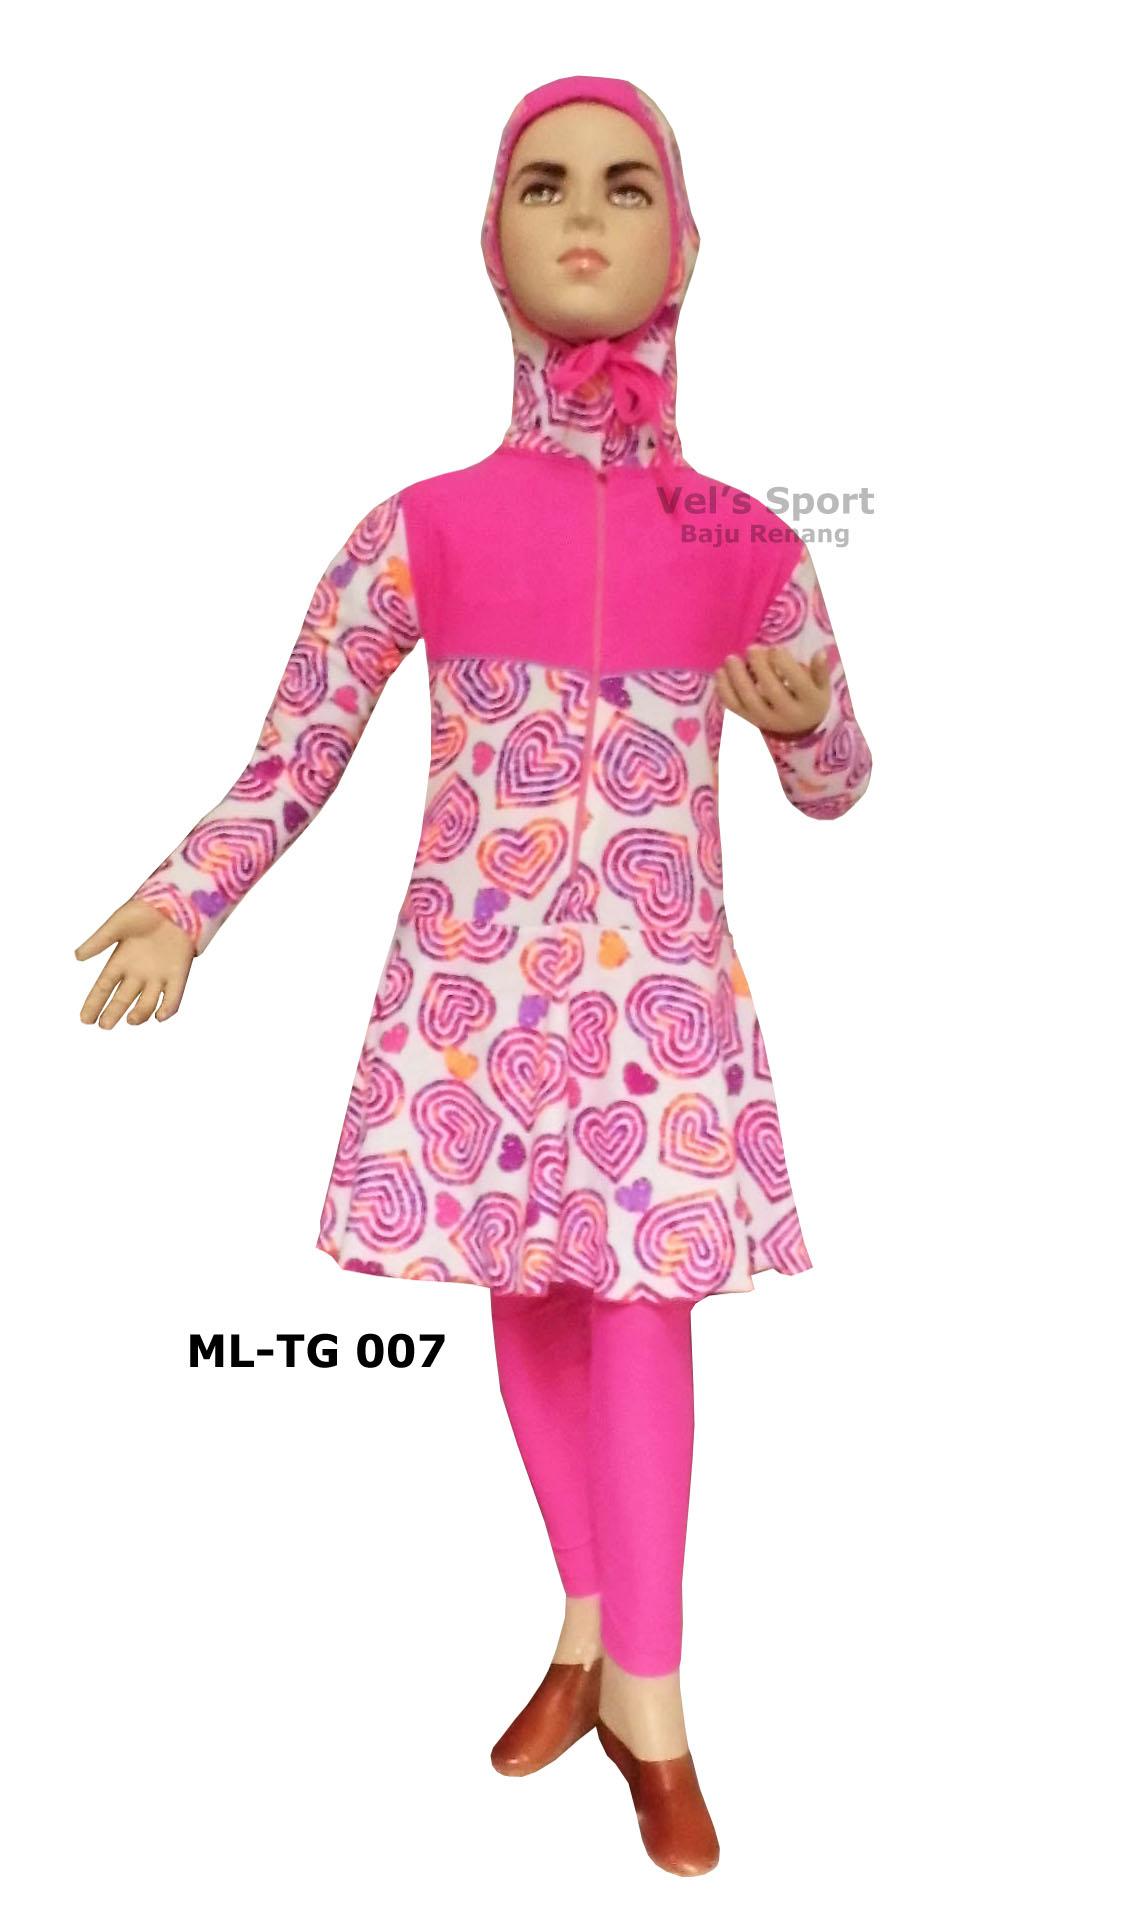 Jual Baju Renang Anak Perempuan